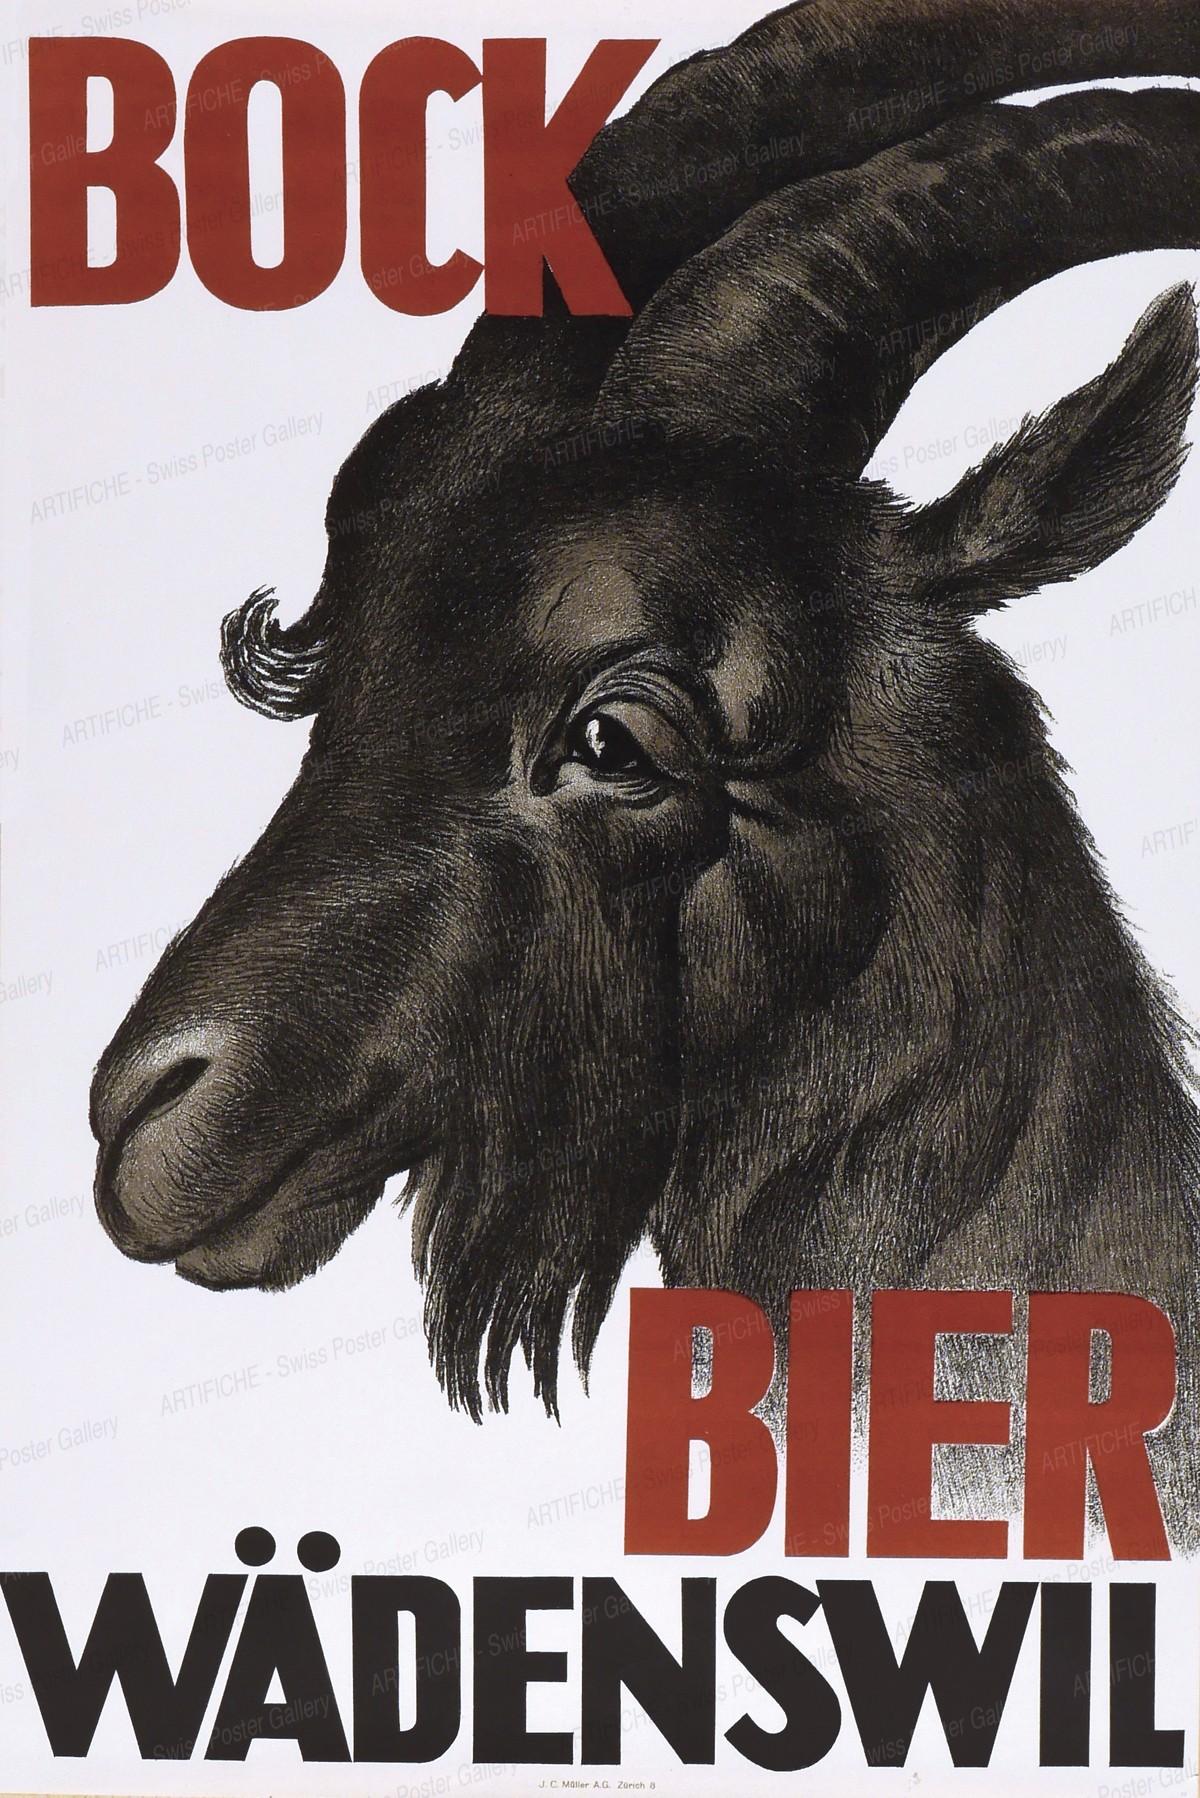 Wädenswiler Bock Bier, Artist unknown